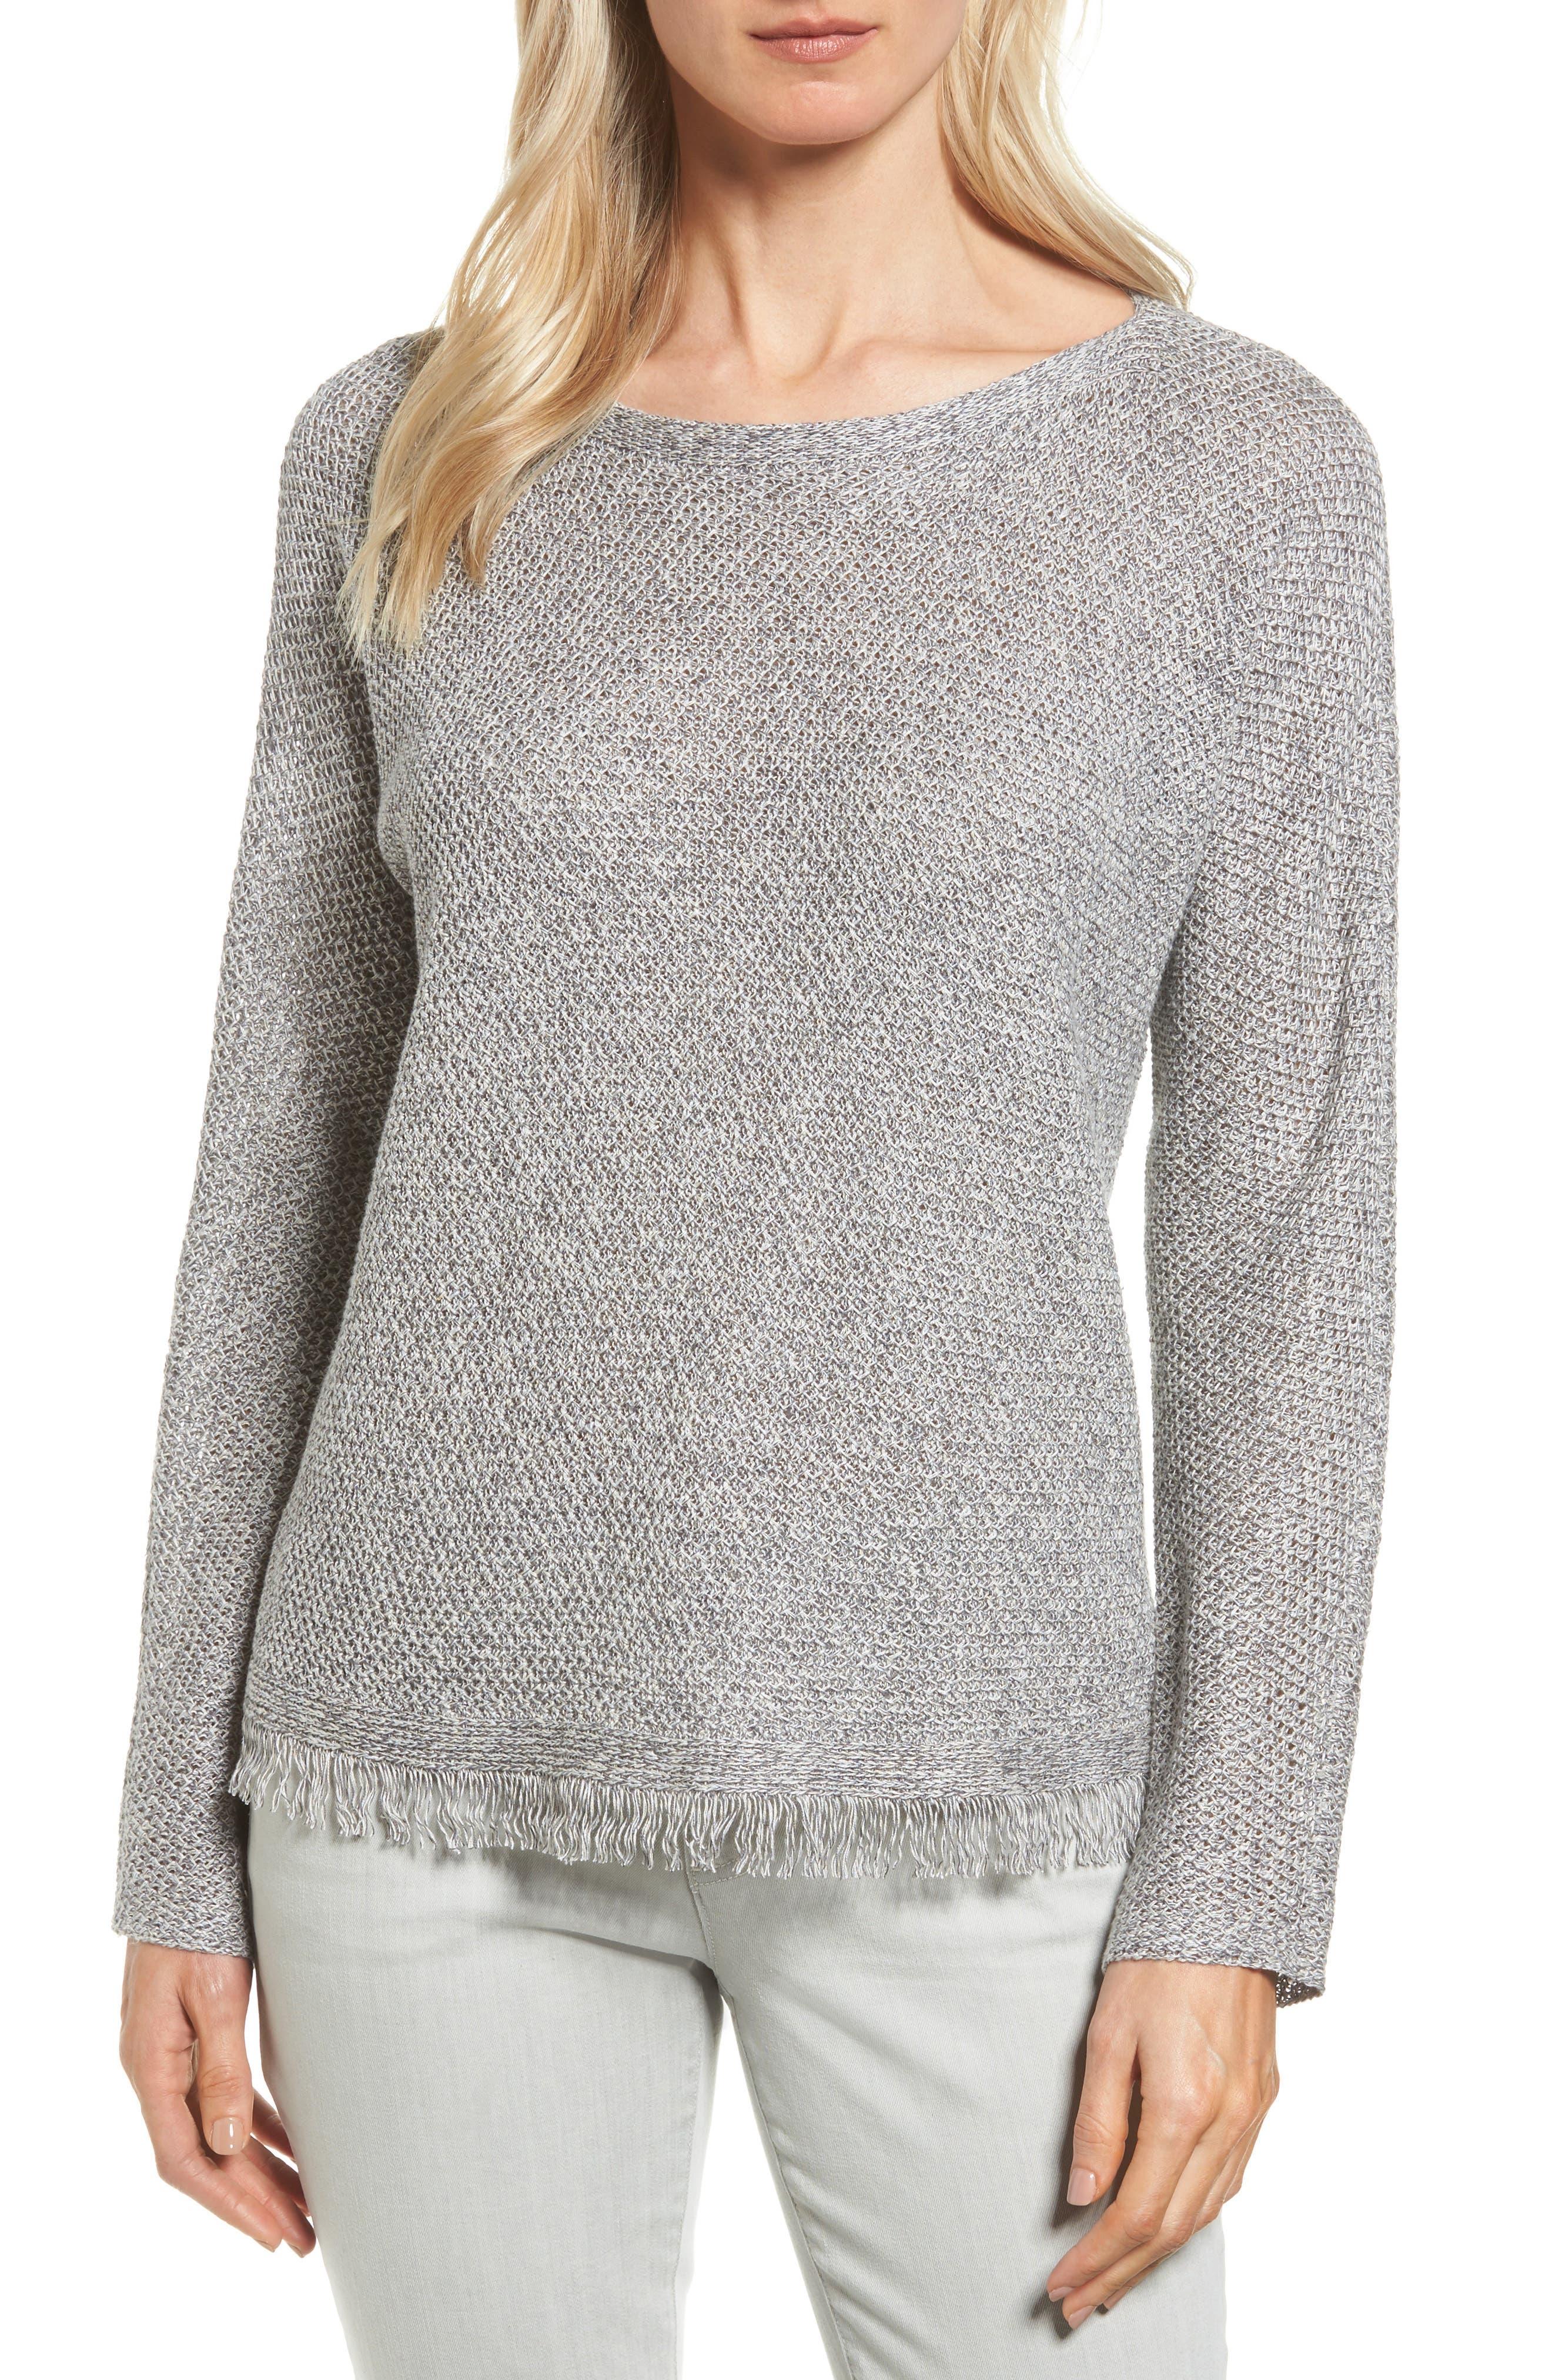 Alternate Image 1 Selected - Eileen Fisher Organic Linen Pullover (Regular & Petite)